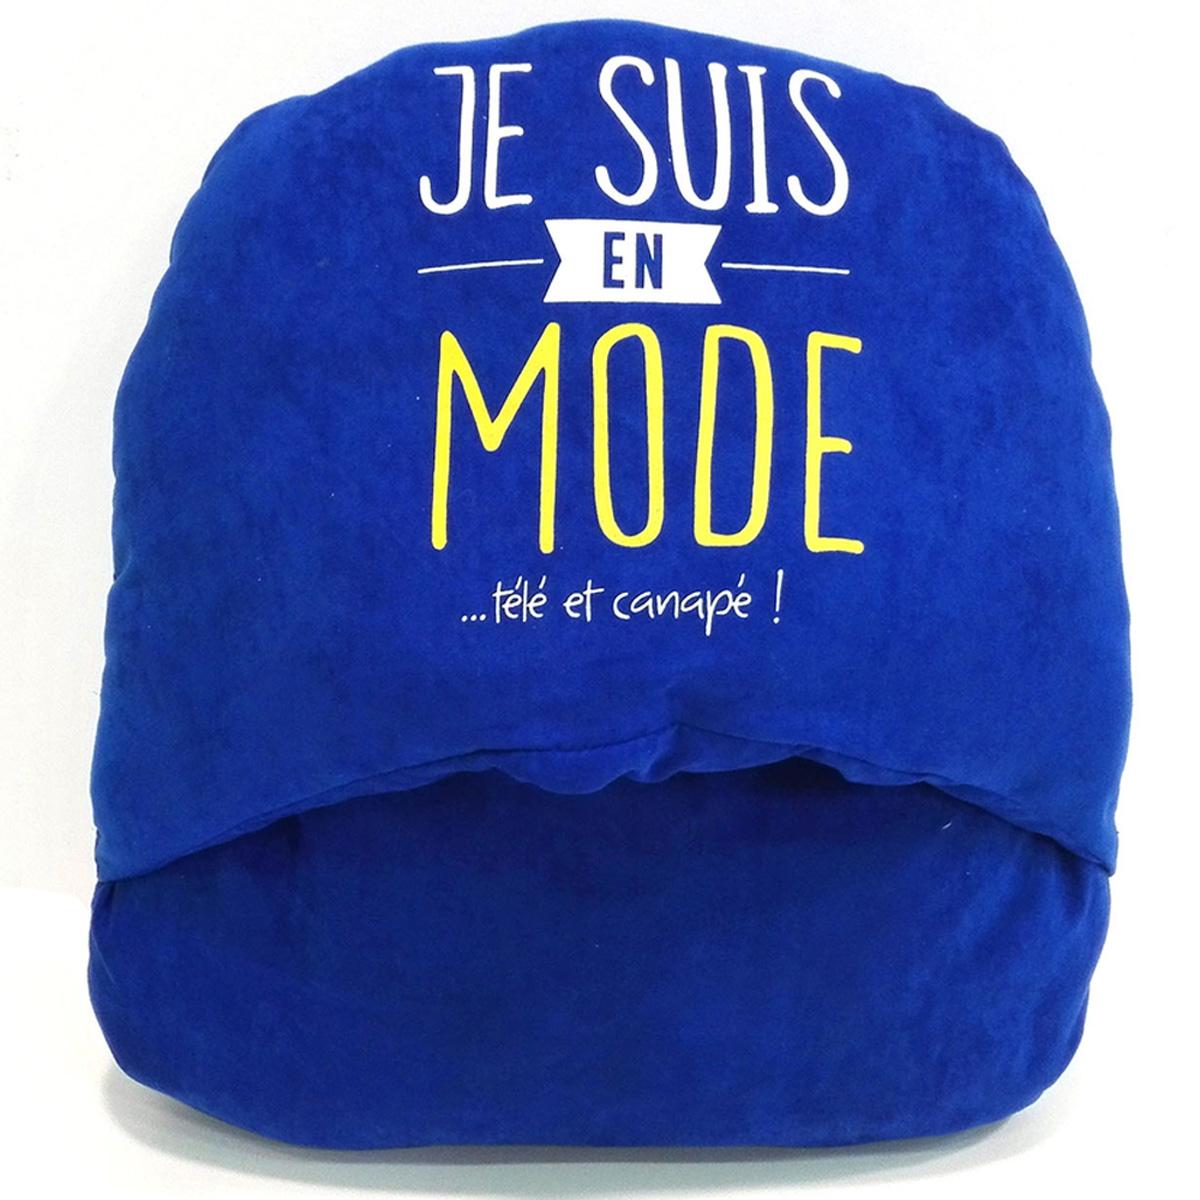 Géant chausson duo \'Citations\' bleu (\'Je suis en mode  télé et canapé !\') - [N5131]